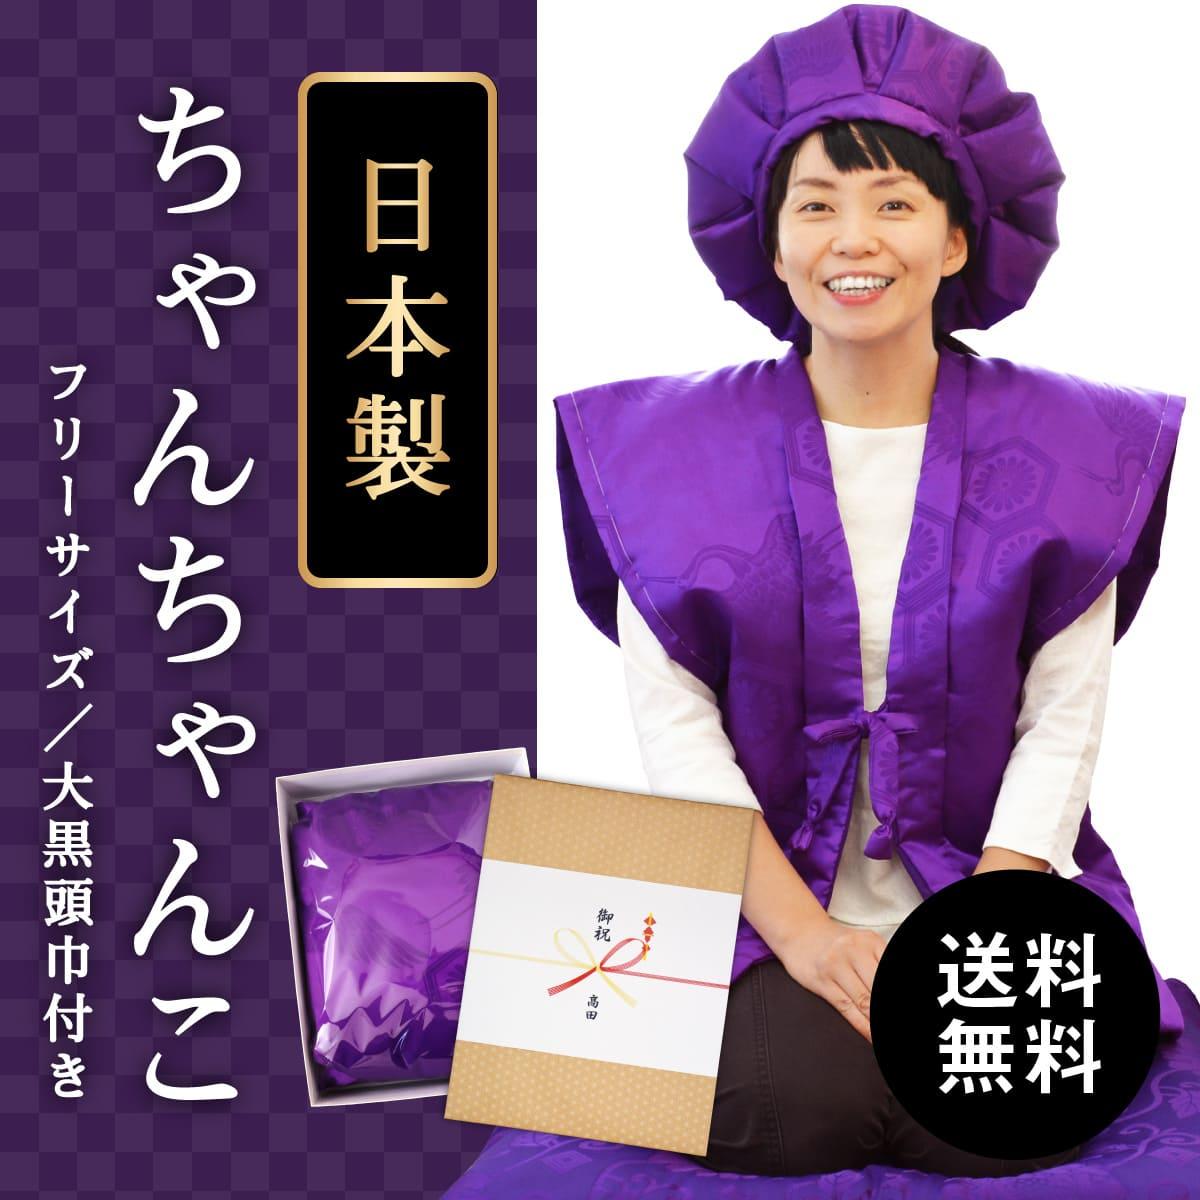 喜寿 ちゃんちゃんこ 紫色 亀甲鶴 高品質の日本製 フリーサイズ